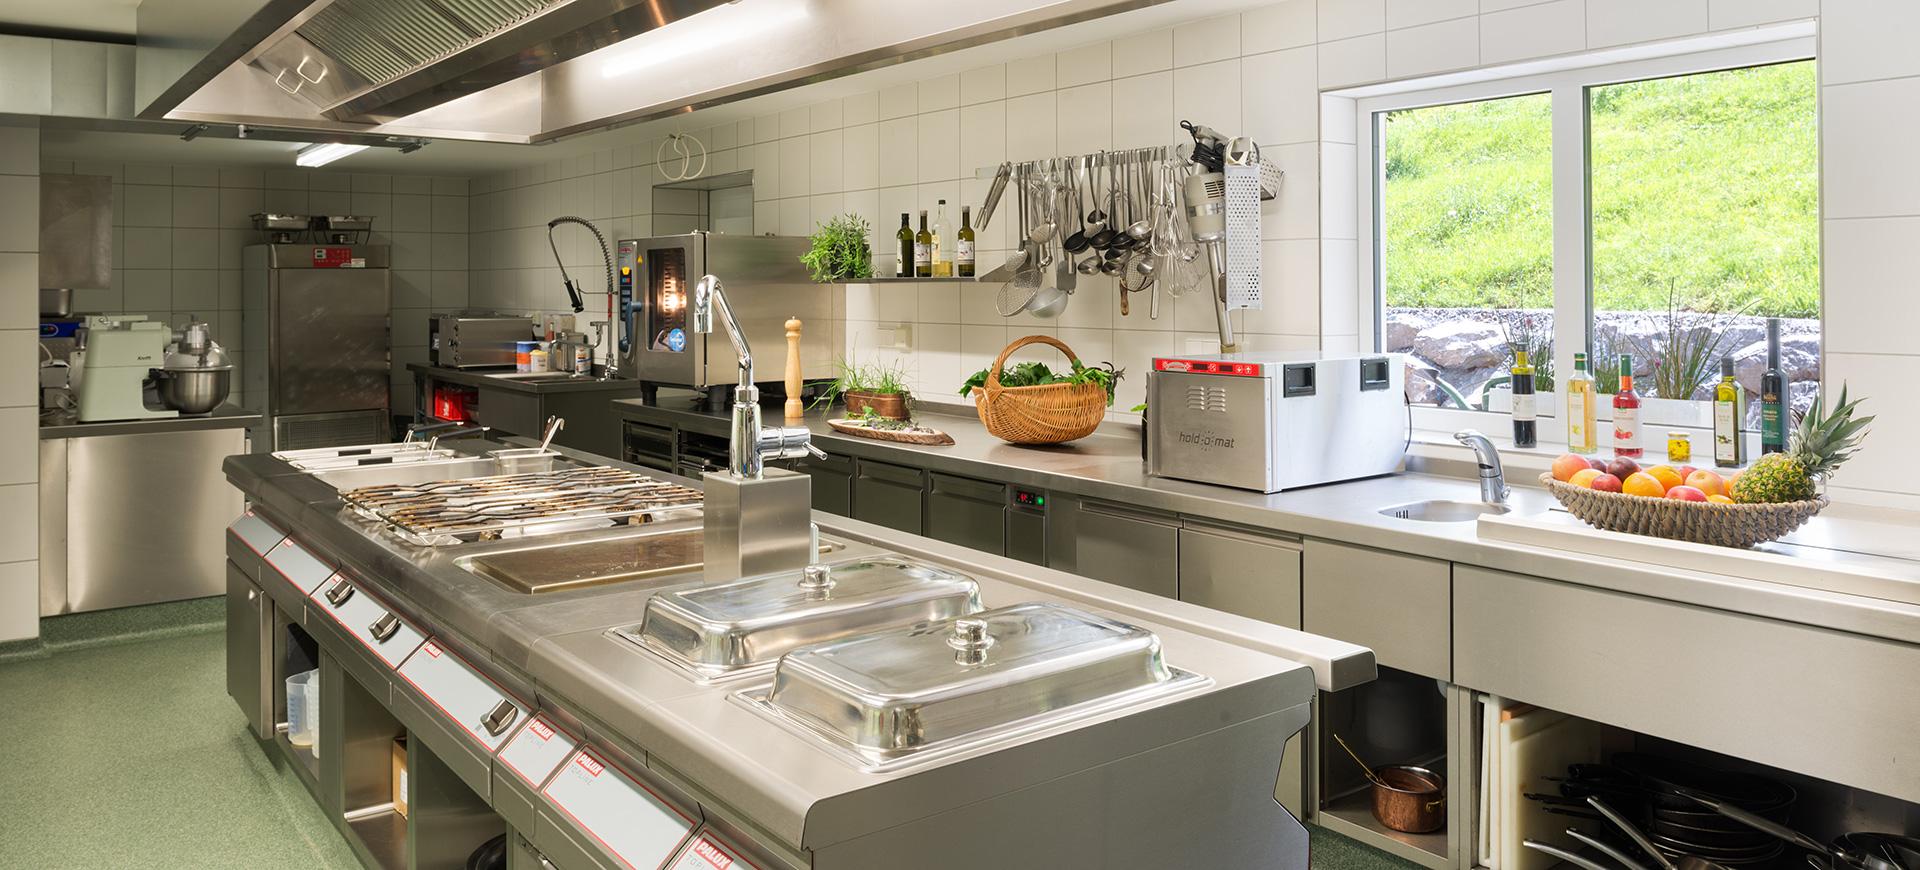 Biohotel Mattlihüs Küche